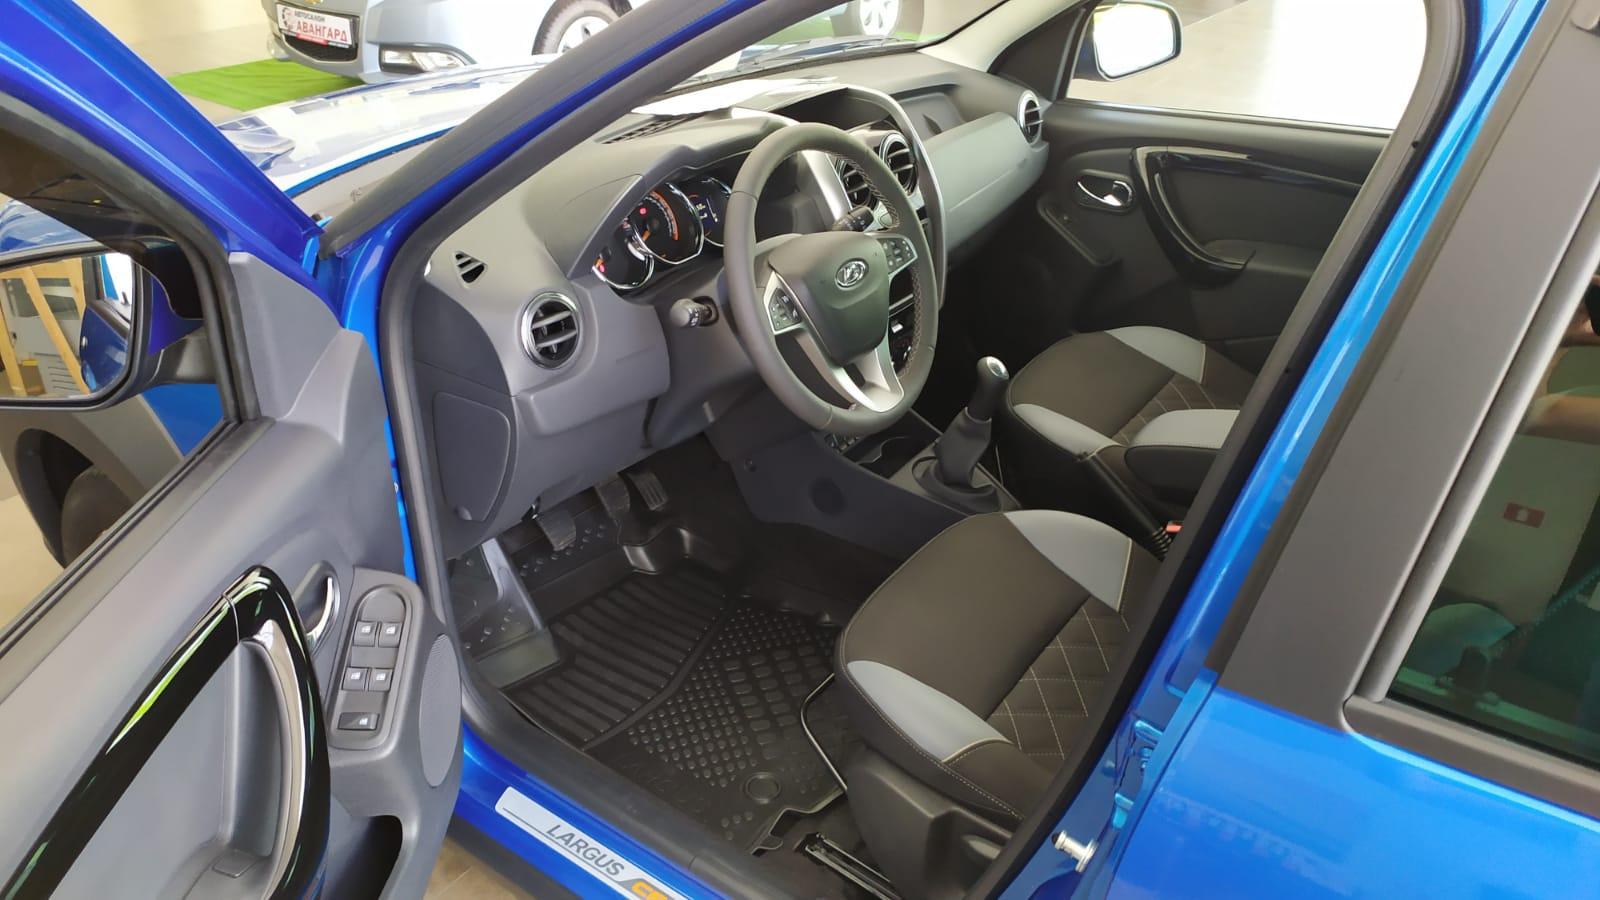 Lada Largus Cross 1.6 л 16-кл., 5МТ. Luxe-Prestige. 7 мест. Лазурно-синий. 2021